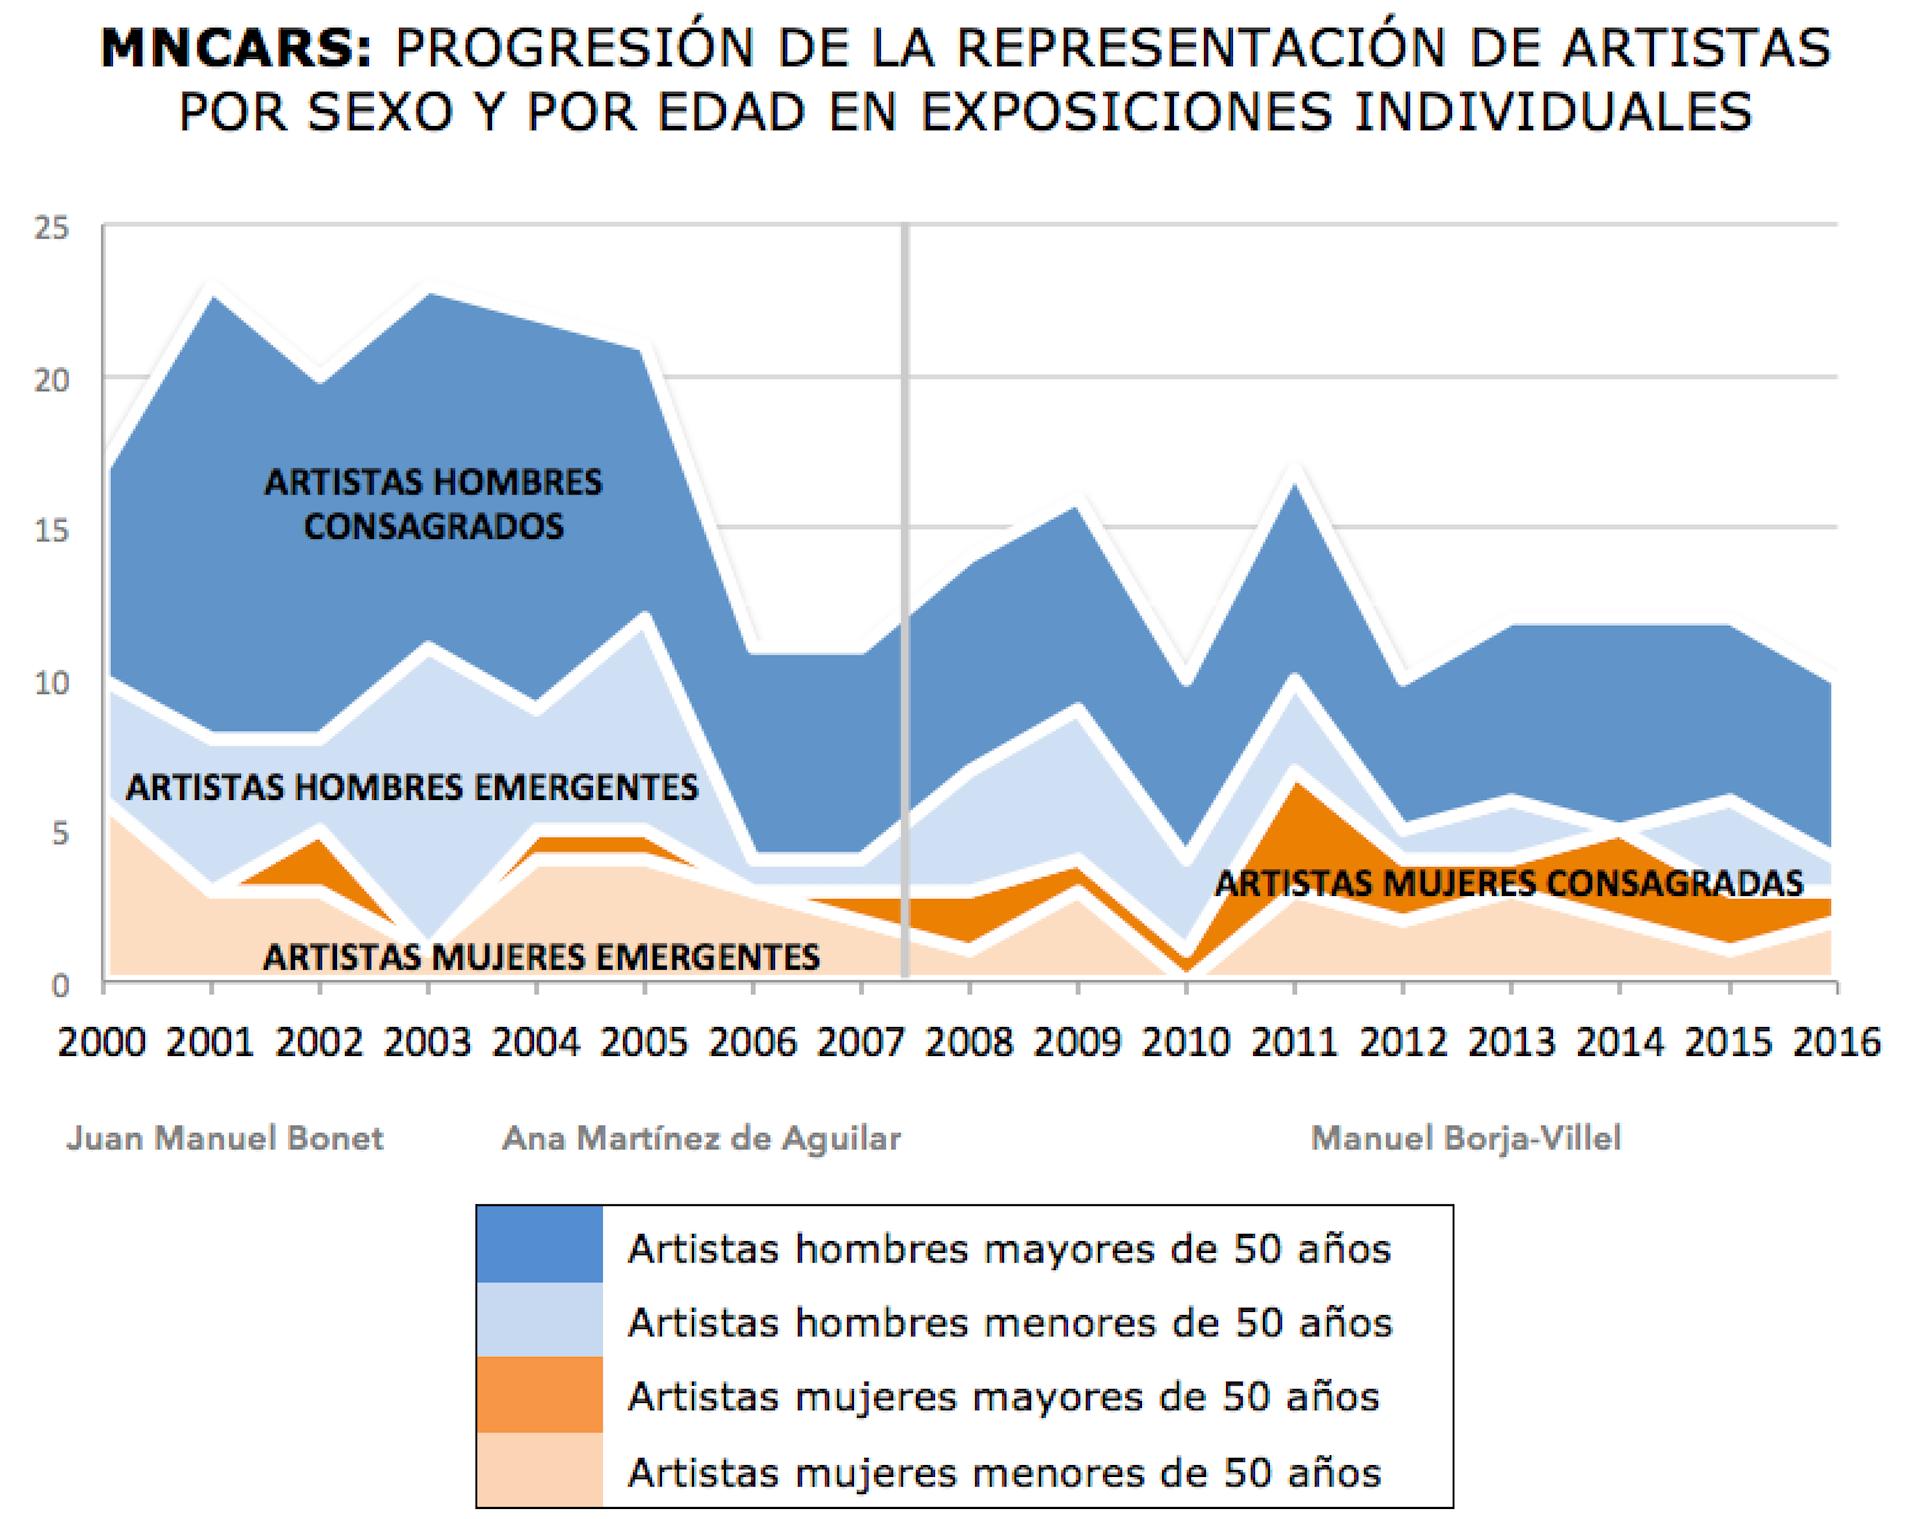 Evolución en la representación de artistas por sexo y por edad en exposiciones individuales.Gráfico: Cristina Nualart